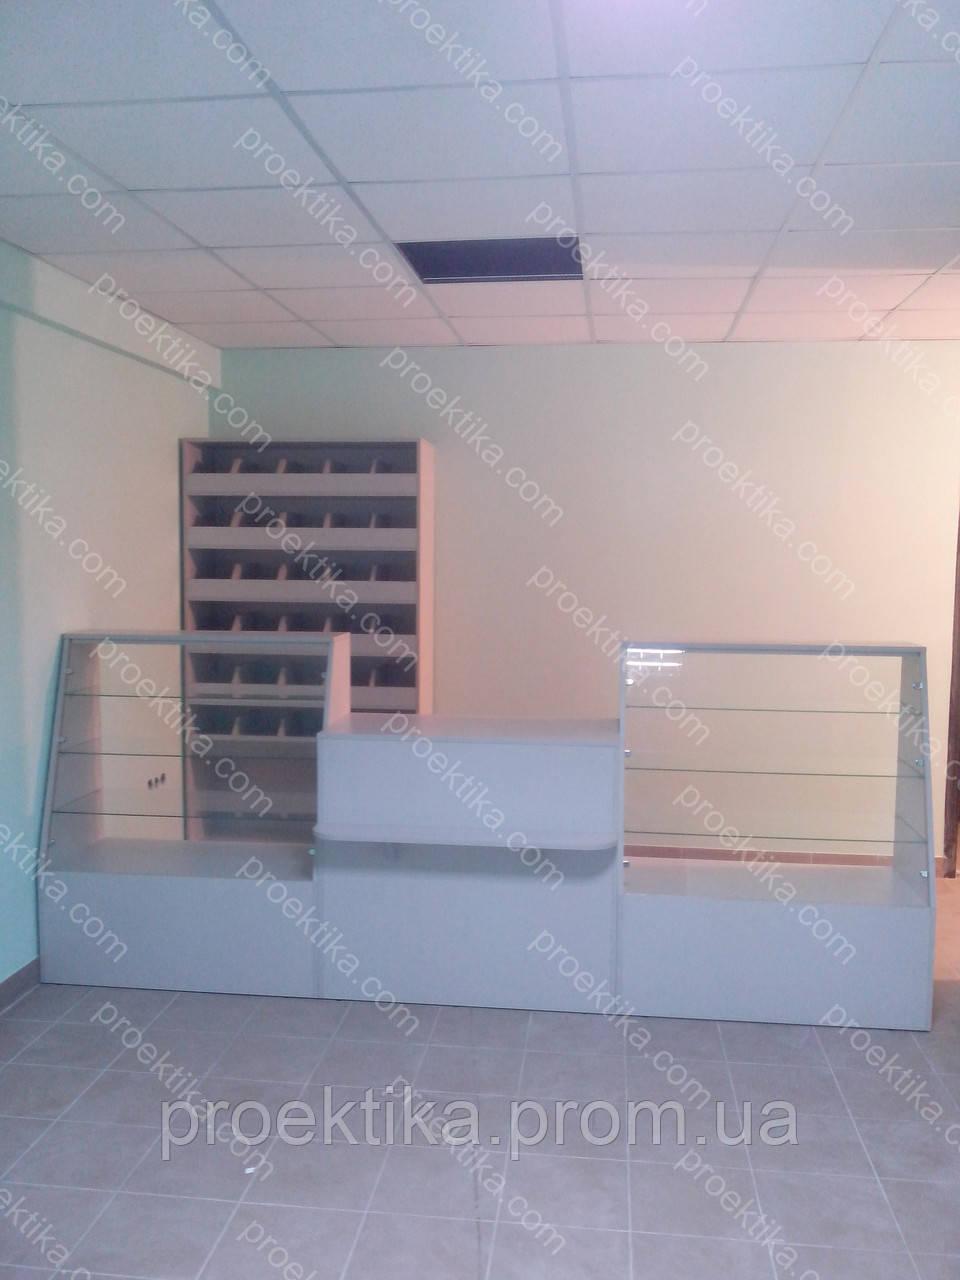 Торговые прилавки и стеллажи для магазина товаров для строительства